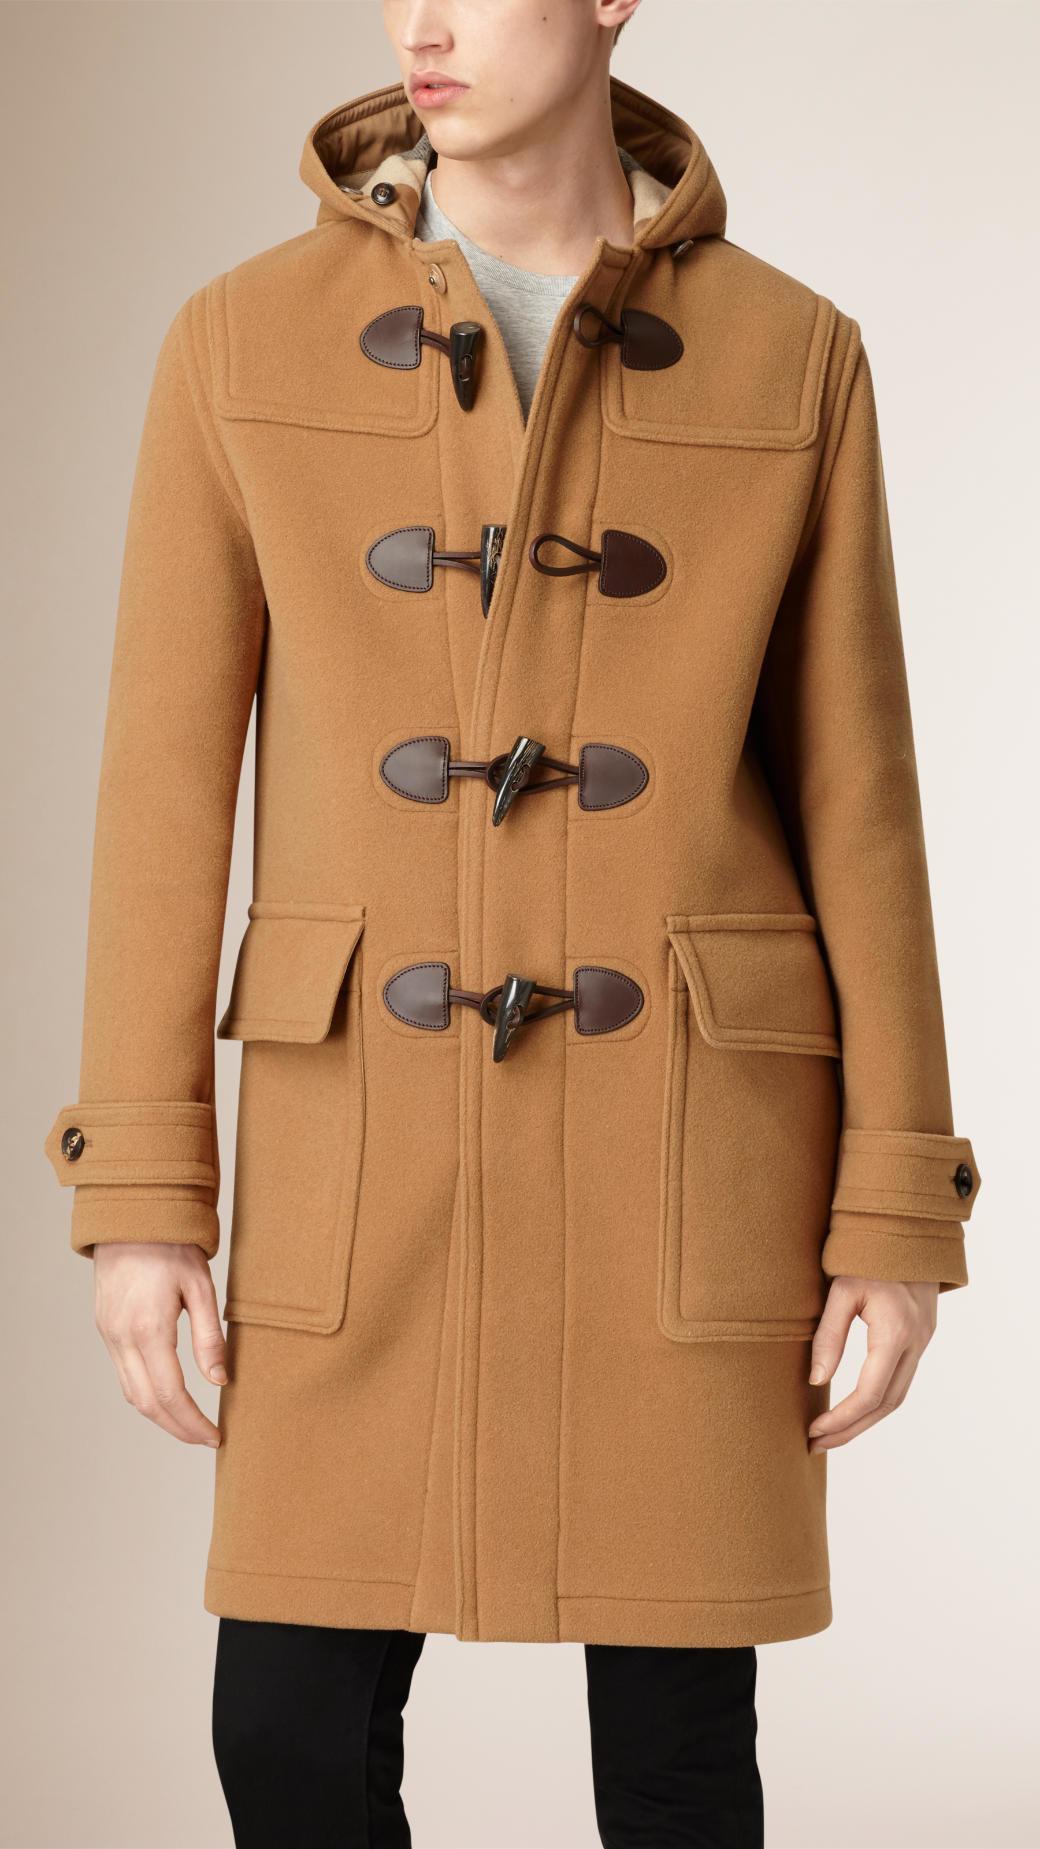 burberry wool blend duffle coat camel in beige for men camel lyst. Black Bedroom Furniture Sets. Home Design Ideas